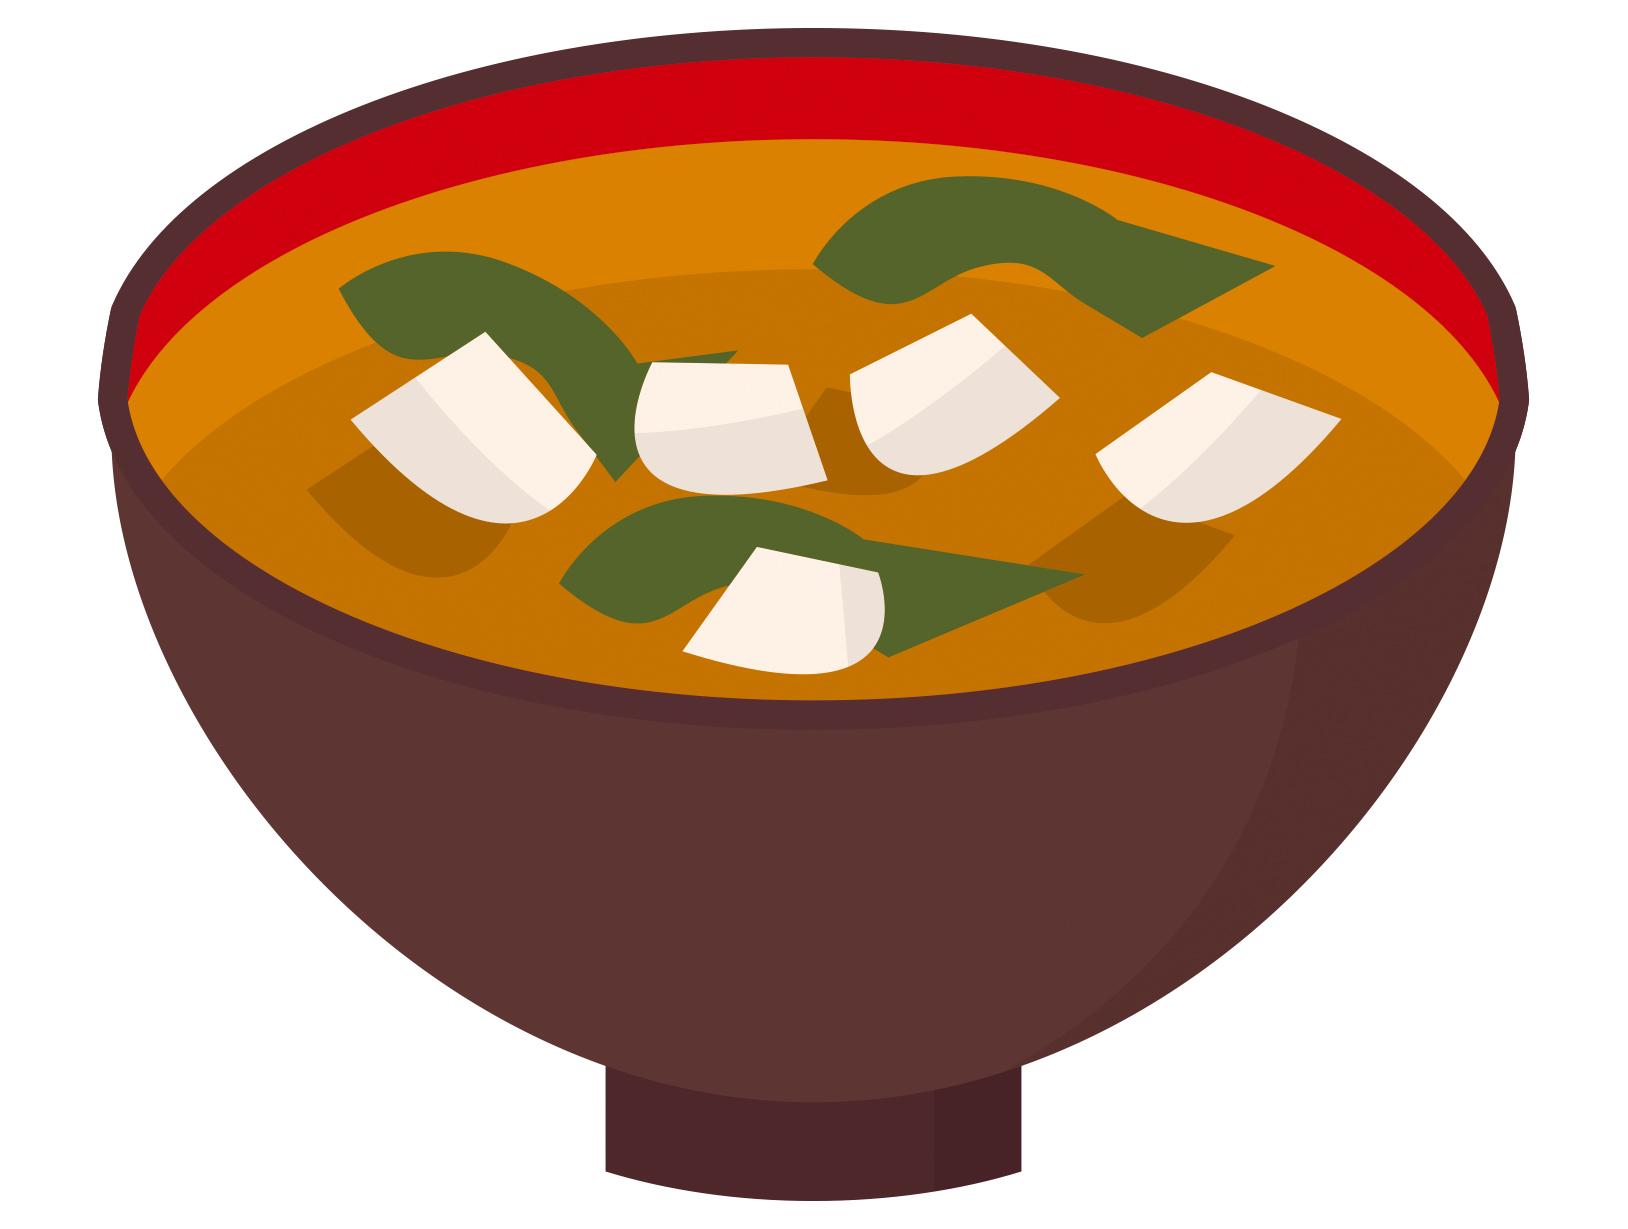 味噌汁イラスト